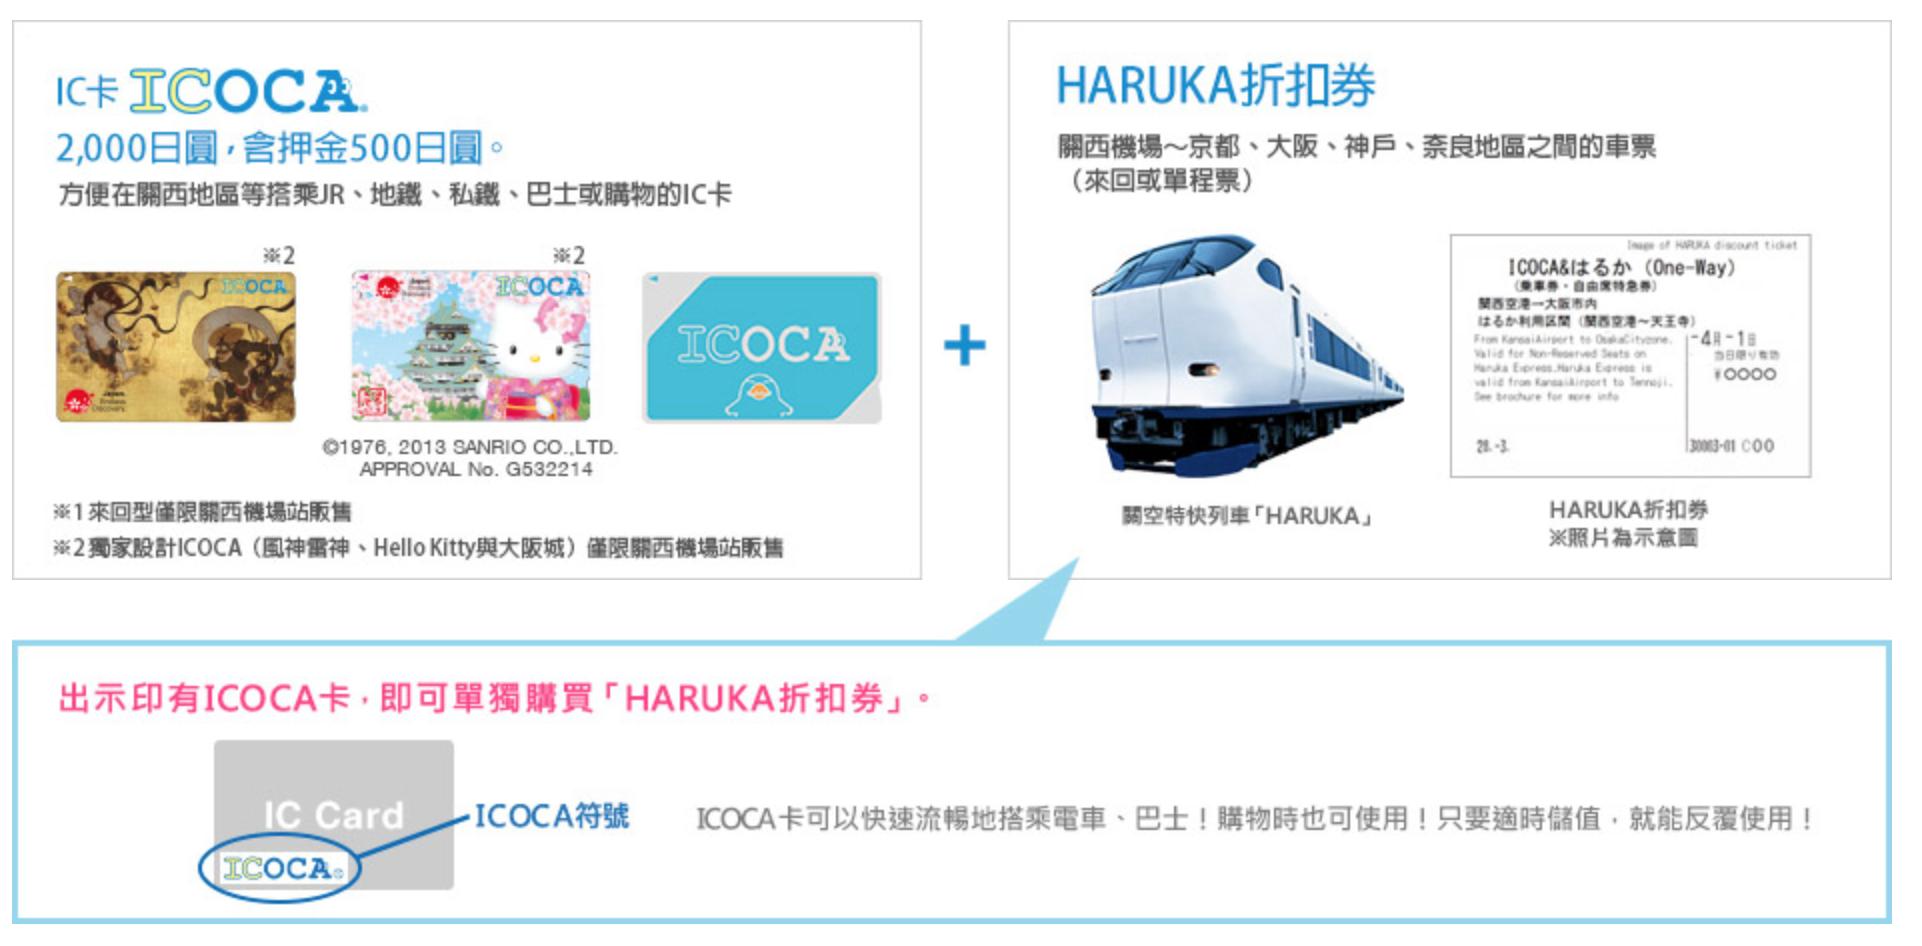 關西機場-鳥取:ICOCA+HARUKA說明&新大阪車站伴手禮、甜點(附關西機場-鳥取車站交通方式) @右上的世界食旅